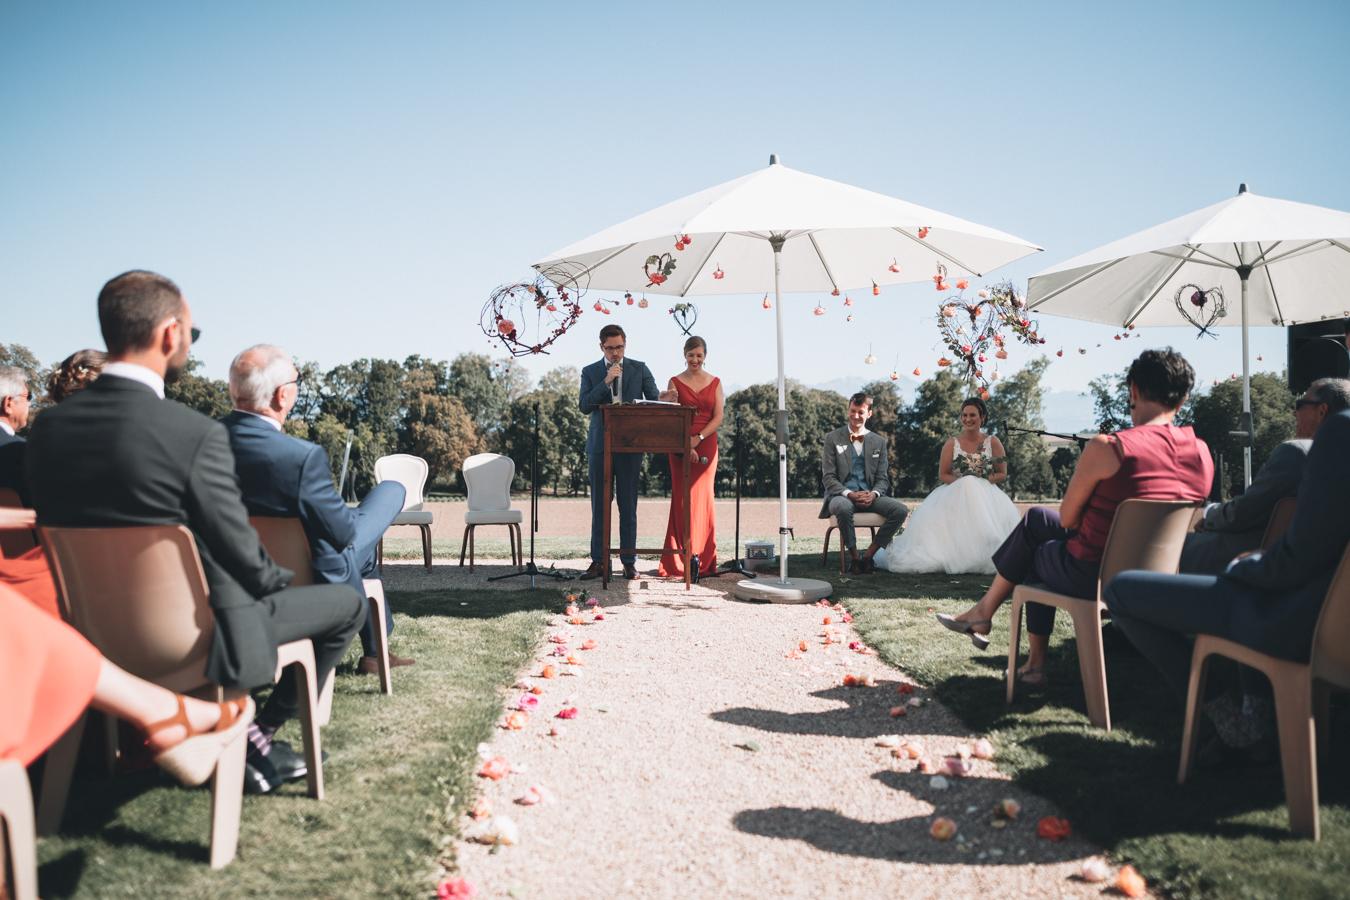 alex dim06 - Un mariage de rêve en 2020, challenge relevé avec brio pour Sophie et Dimitri!